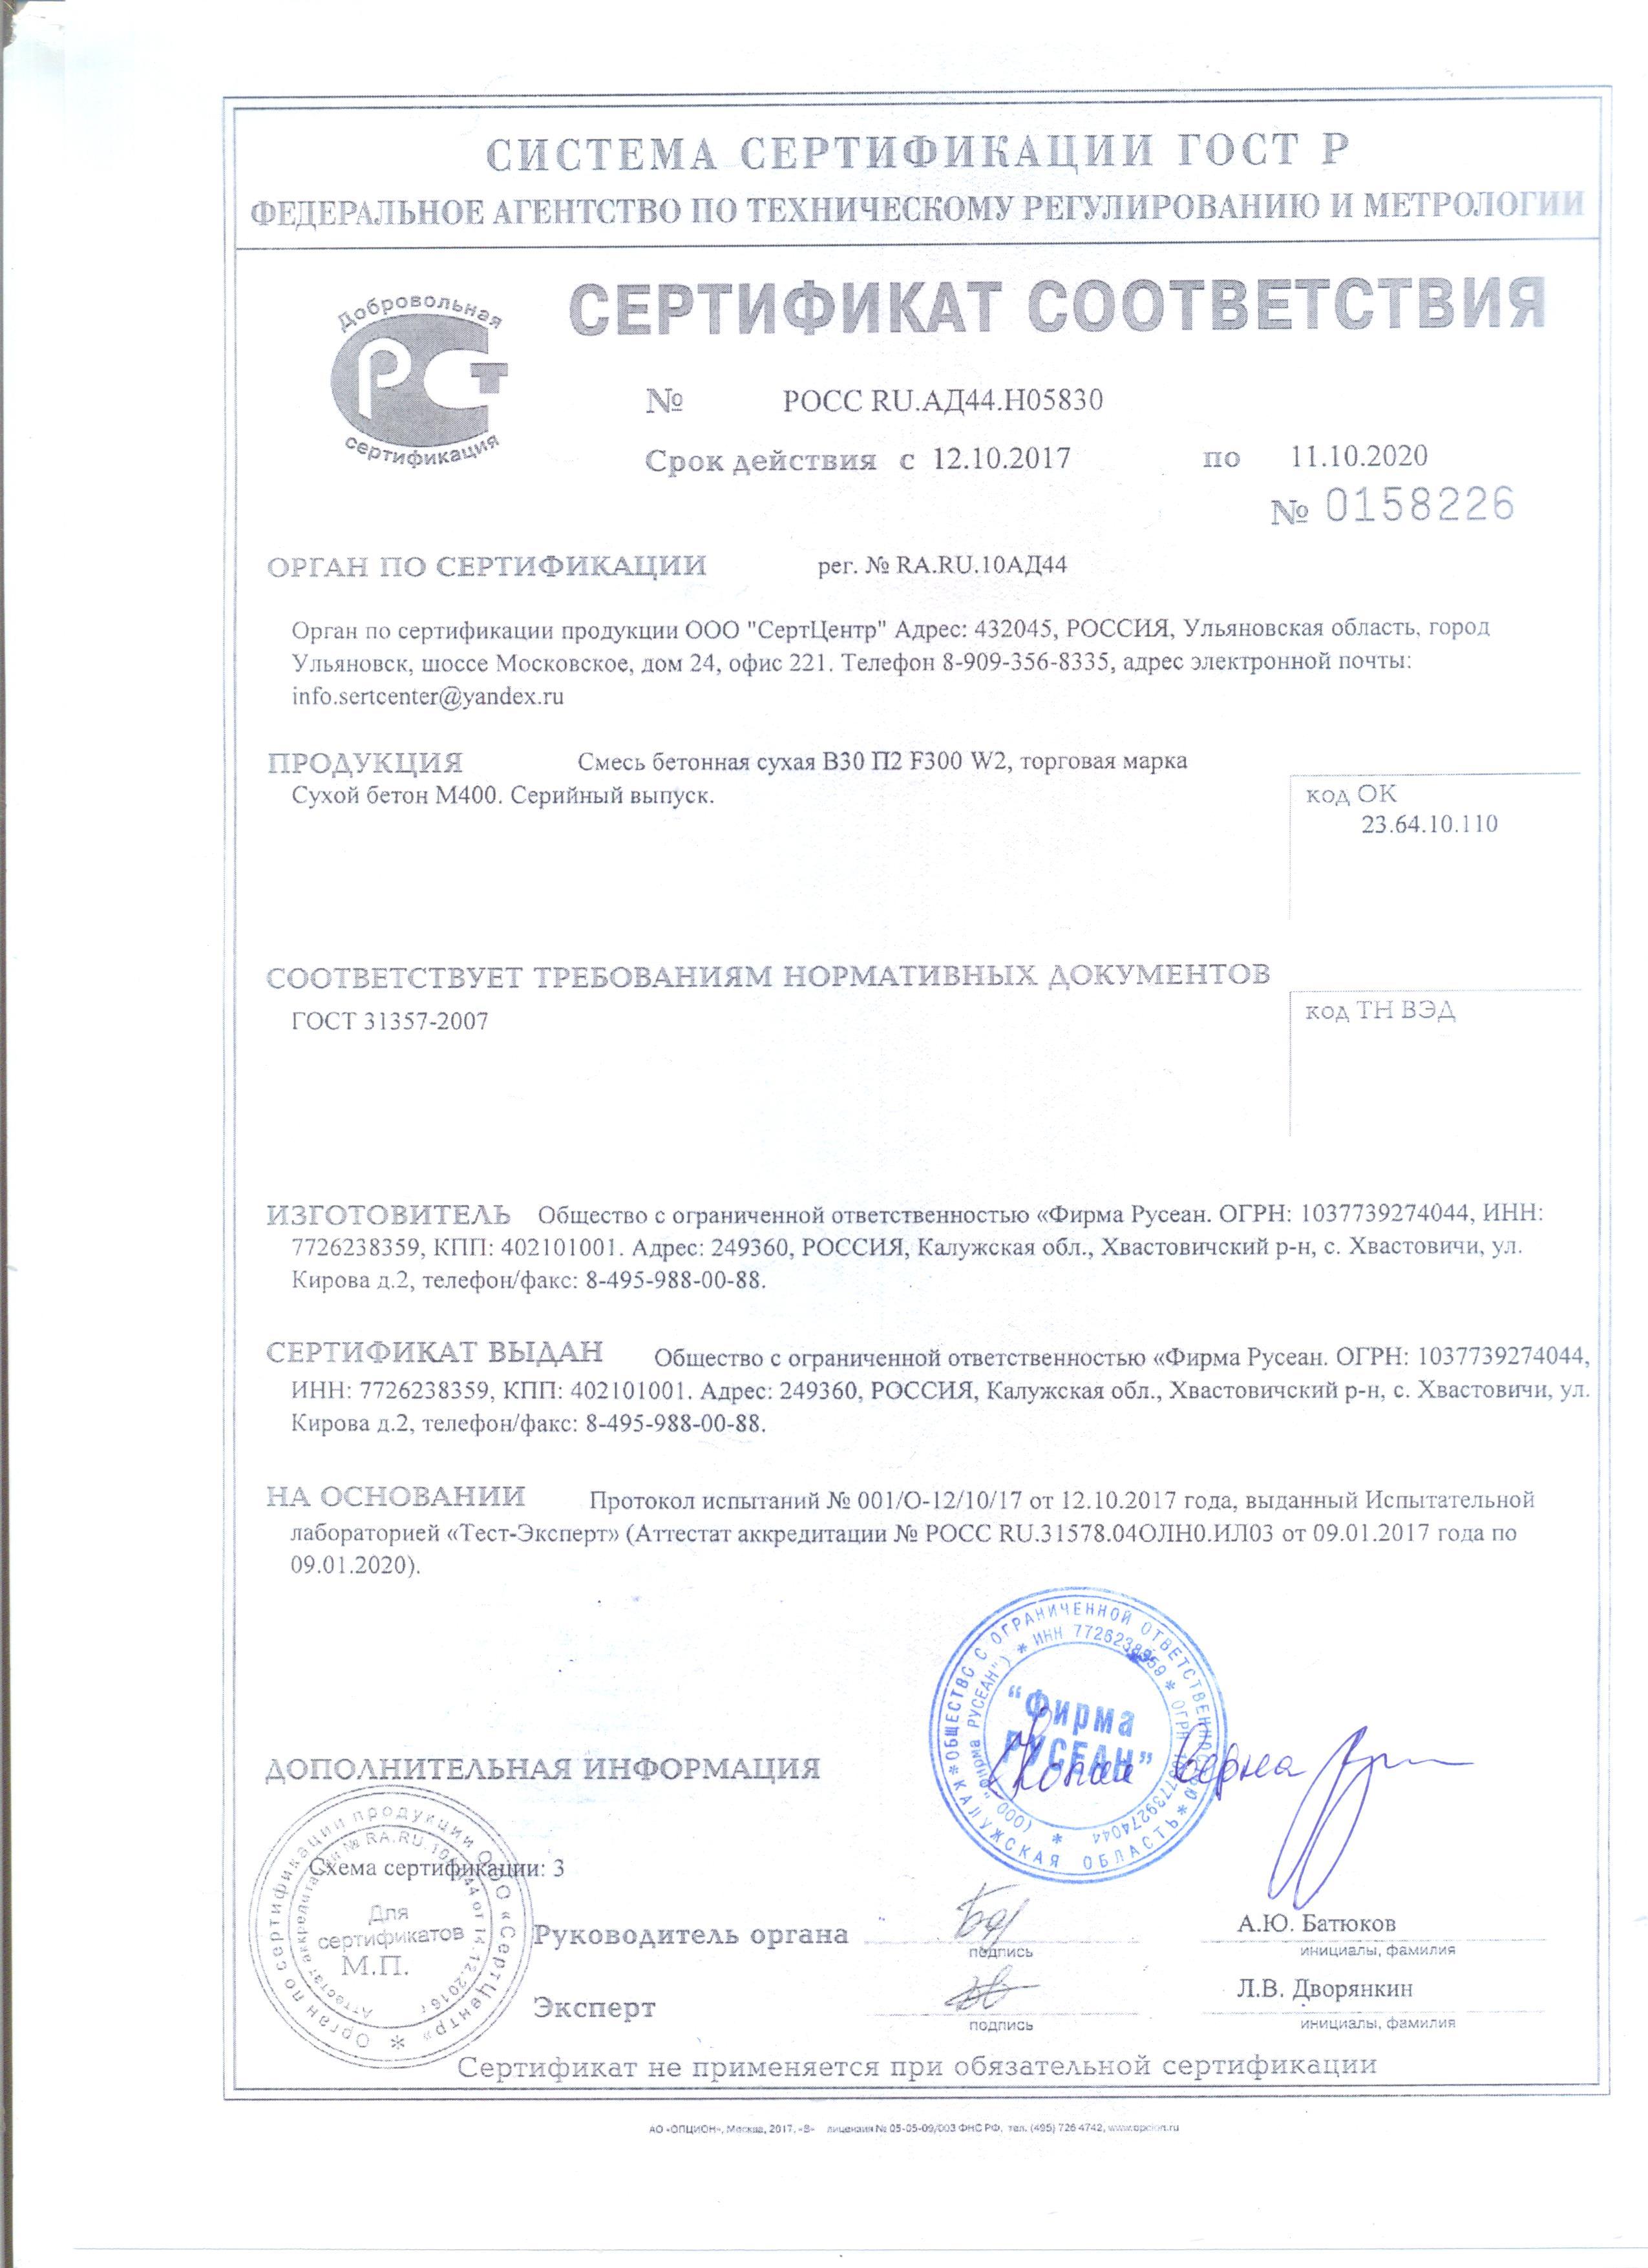 Смесь бетонная сухая м400 цены на цемент москва область